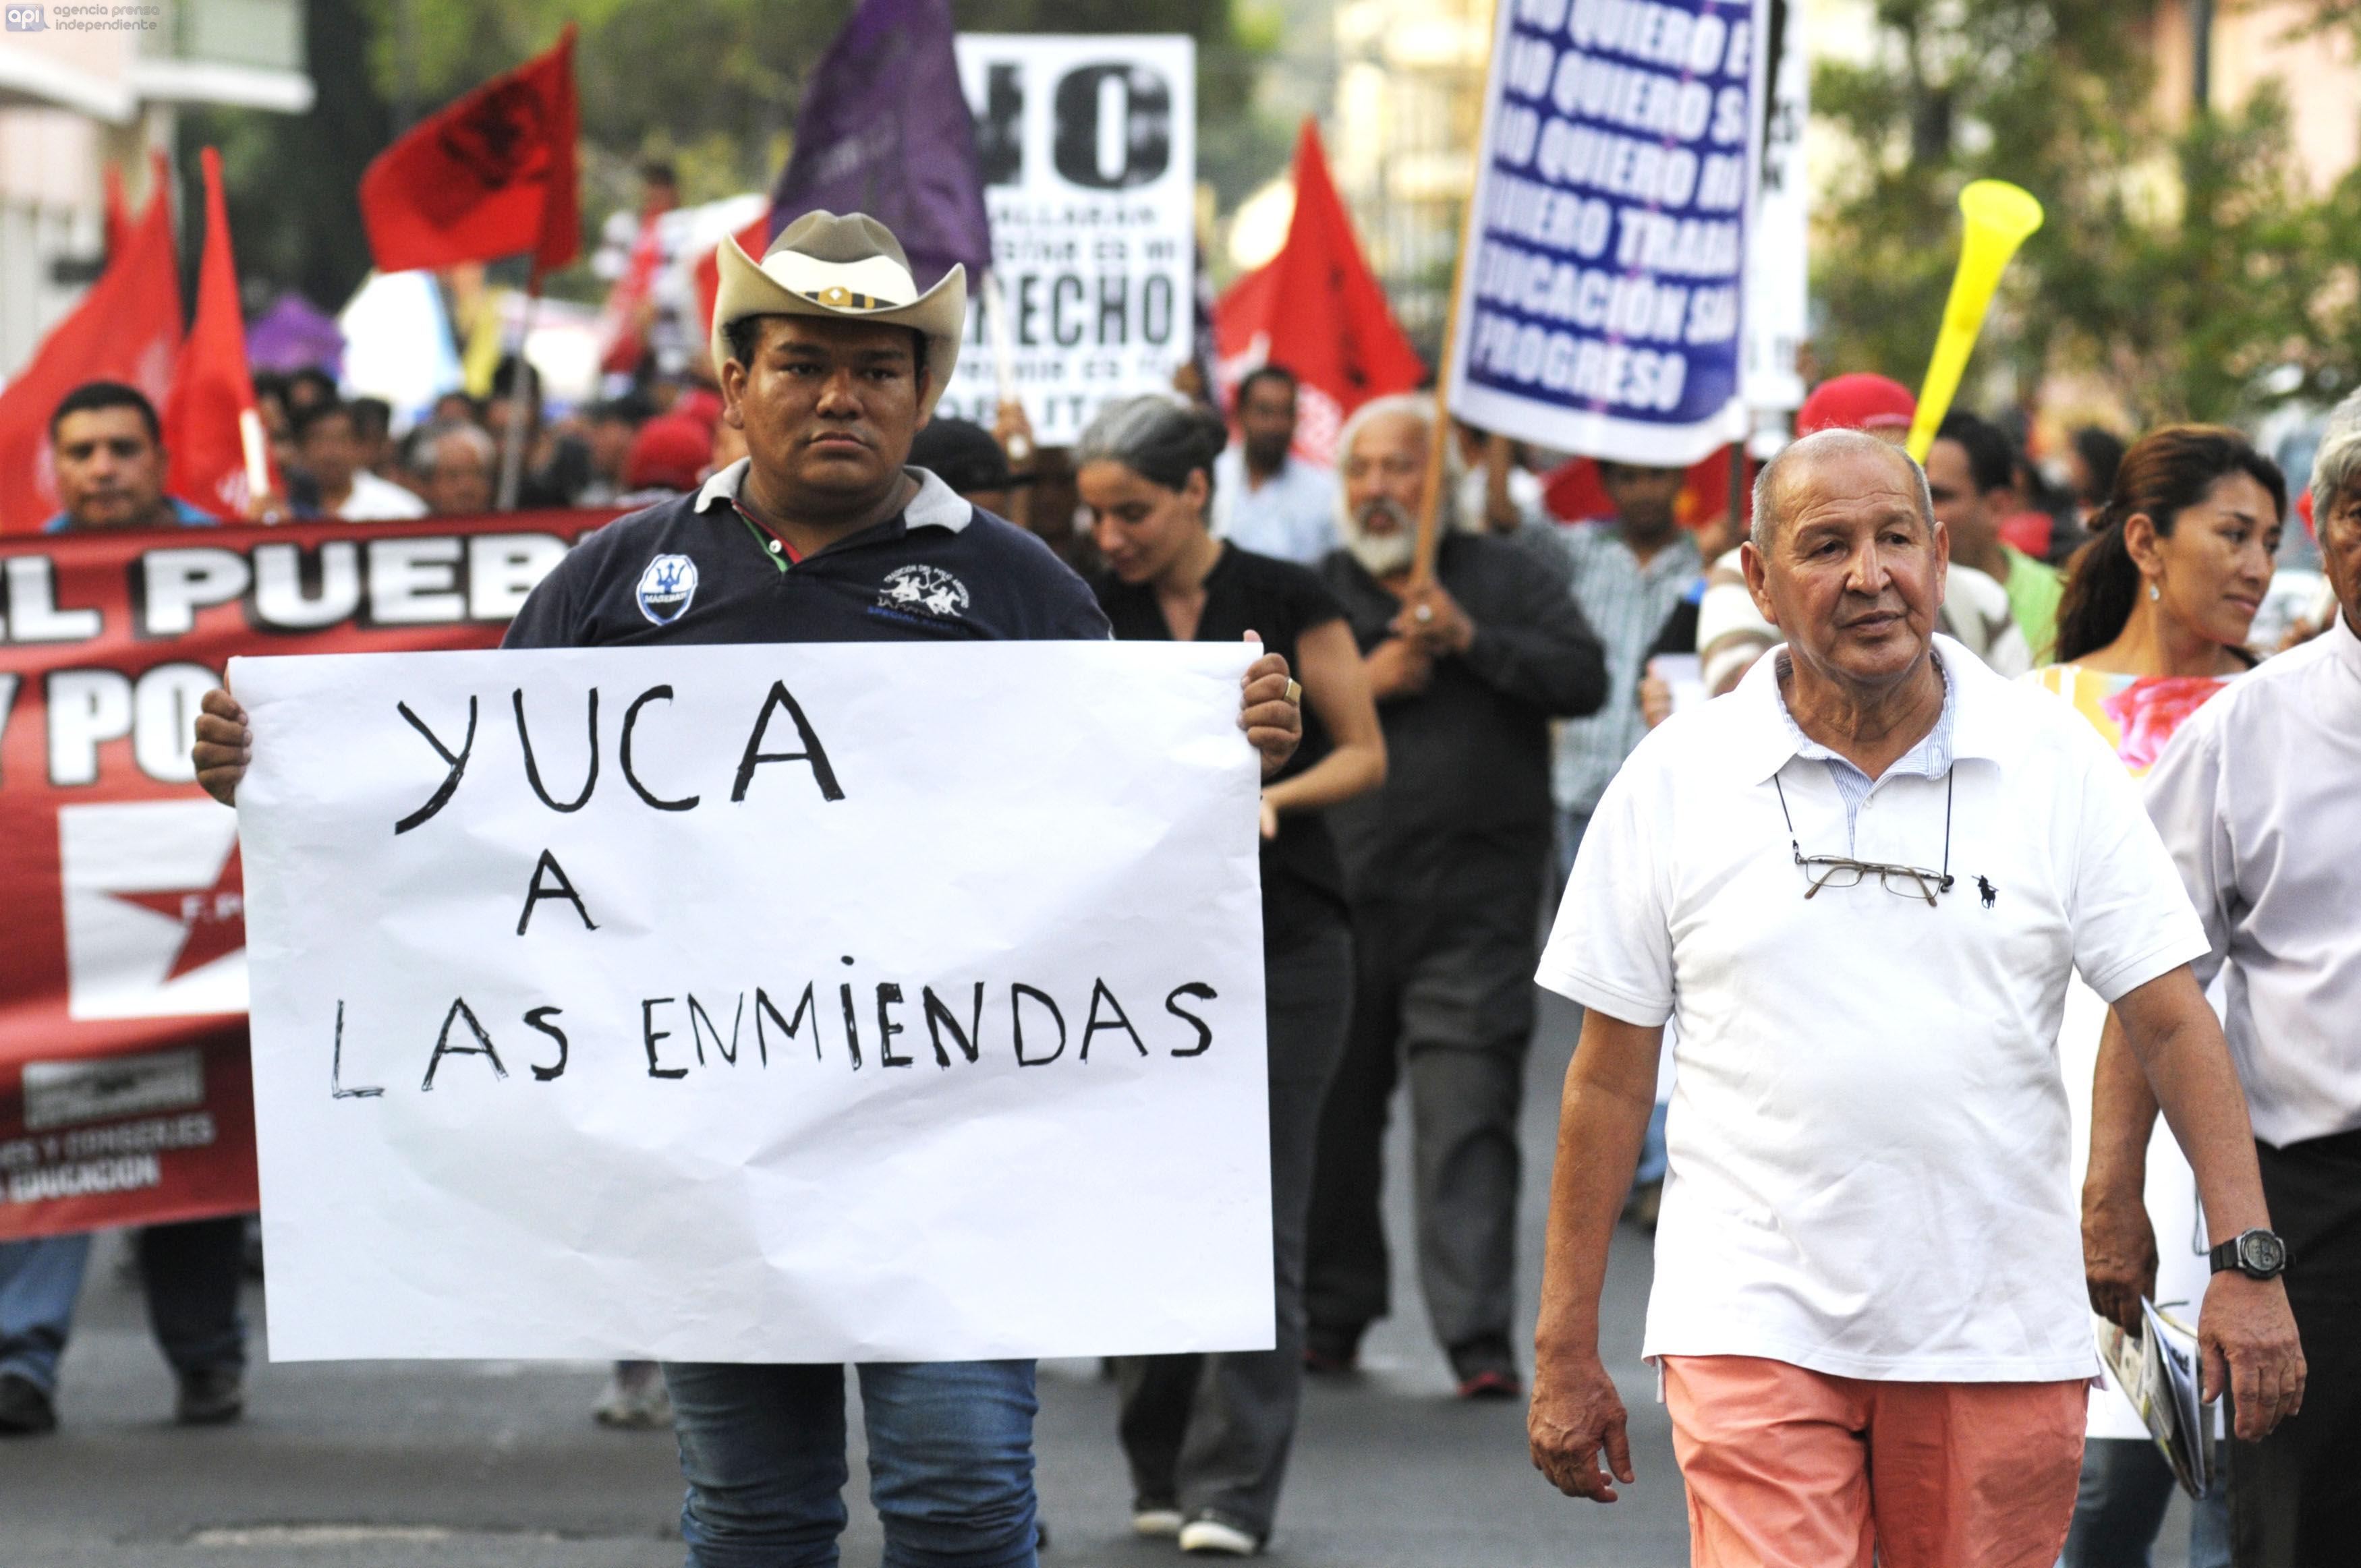 Guayaquil 26 de Noviembre de 2015. Protestas en rechazo a enmiendas constitucionales. Fotos: Marcos Pin / API